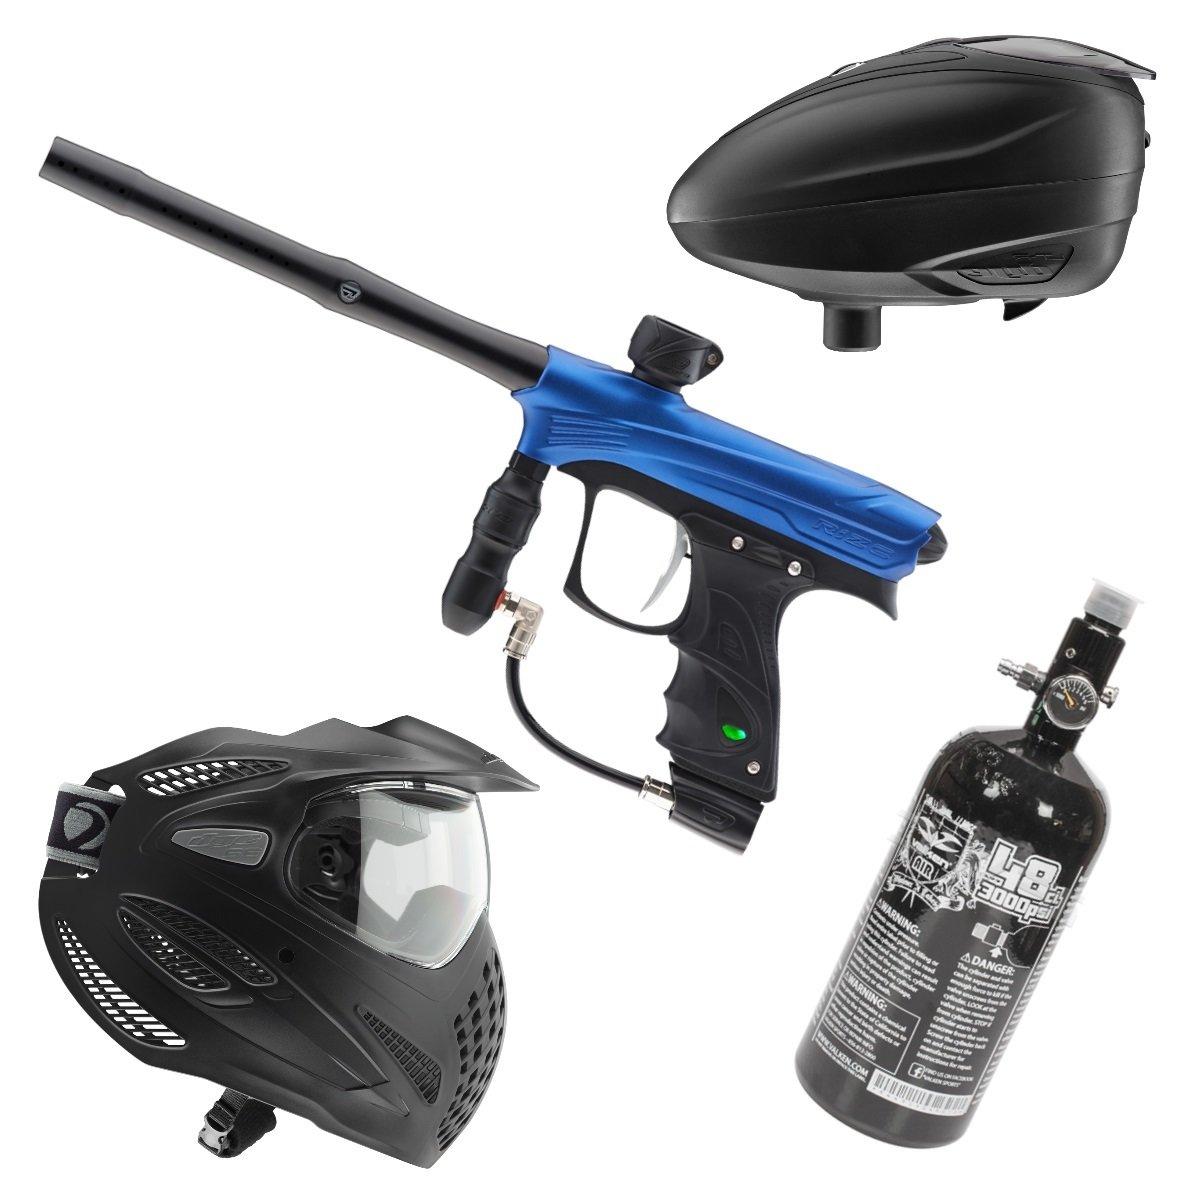 Marker Package - Dye Rize Marker - Blue Dust / Dye LT-R Black / Dye Se Goggle Single / Valken 48cu 3000 psi Air Tank